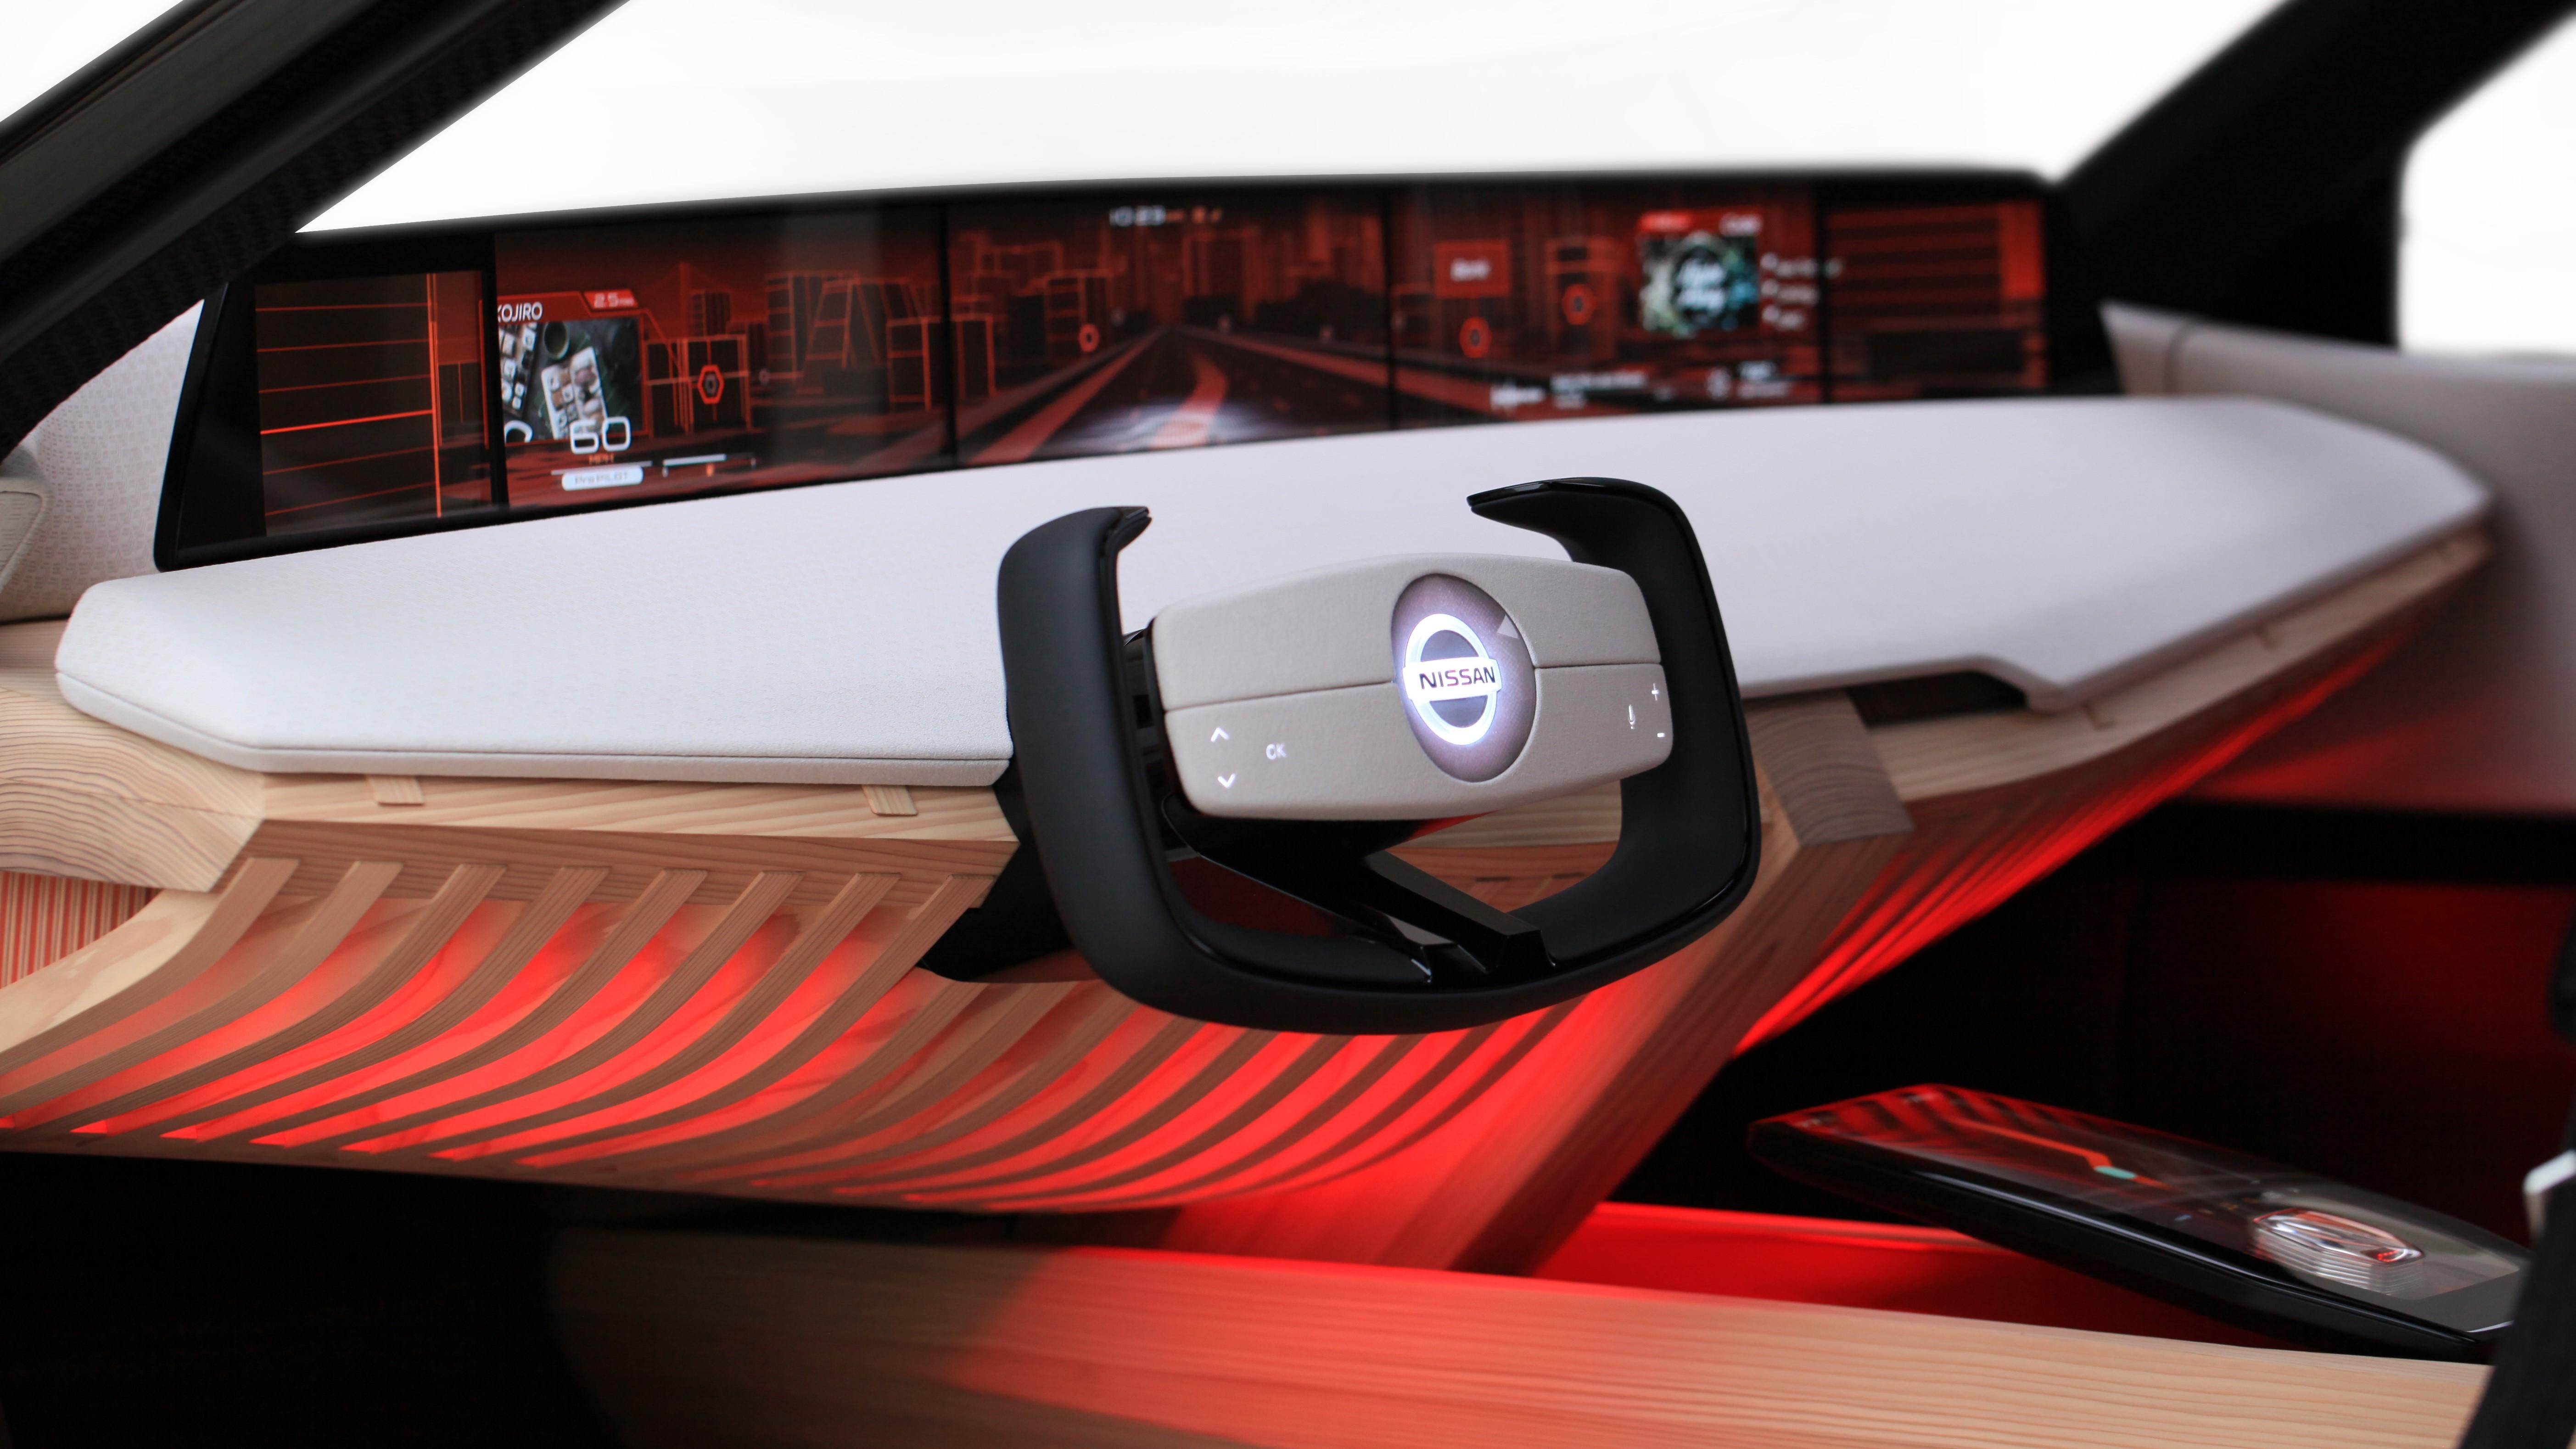 Nissan показала концепт-кар с семью экранами для управления